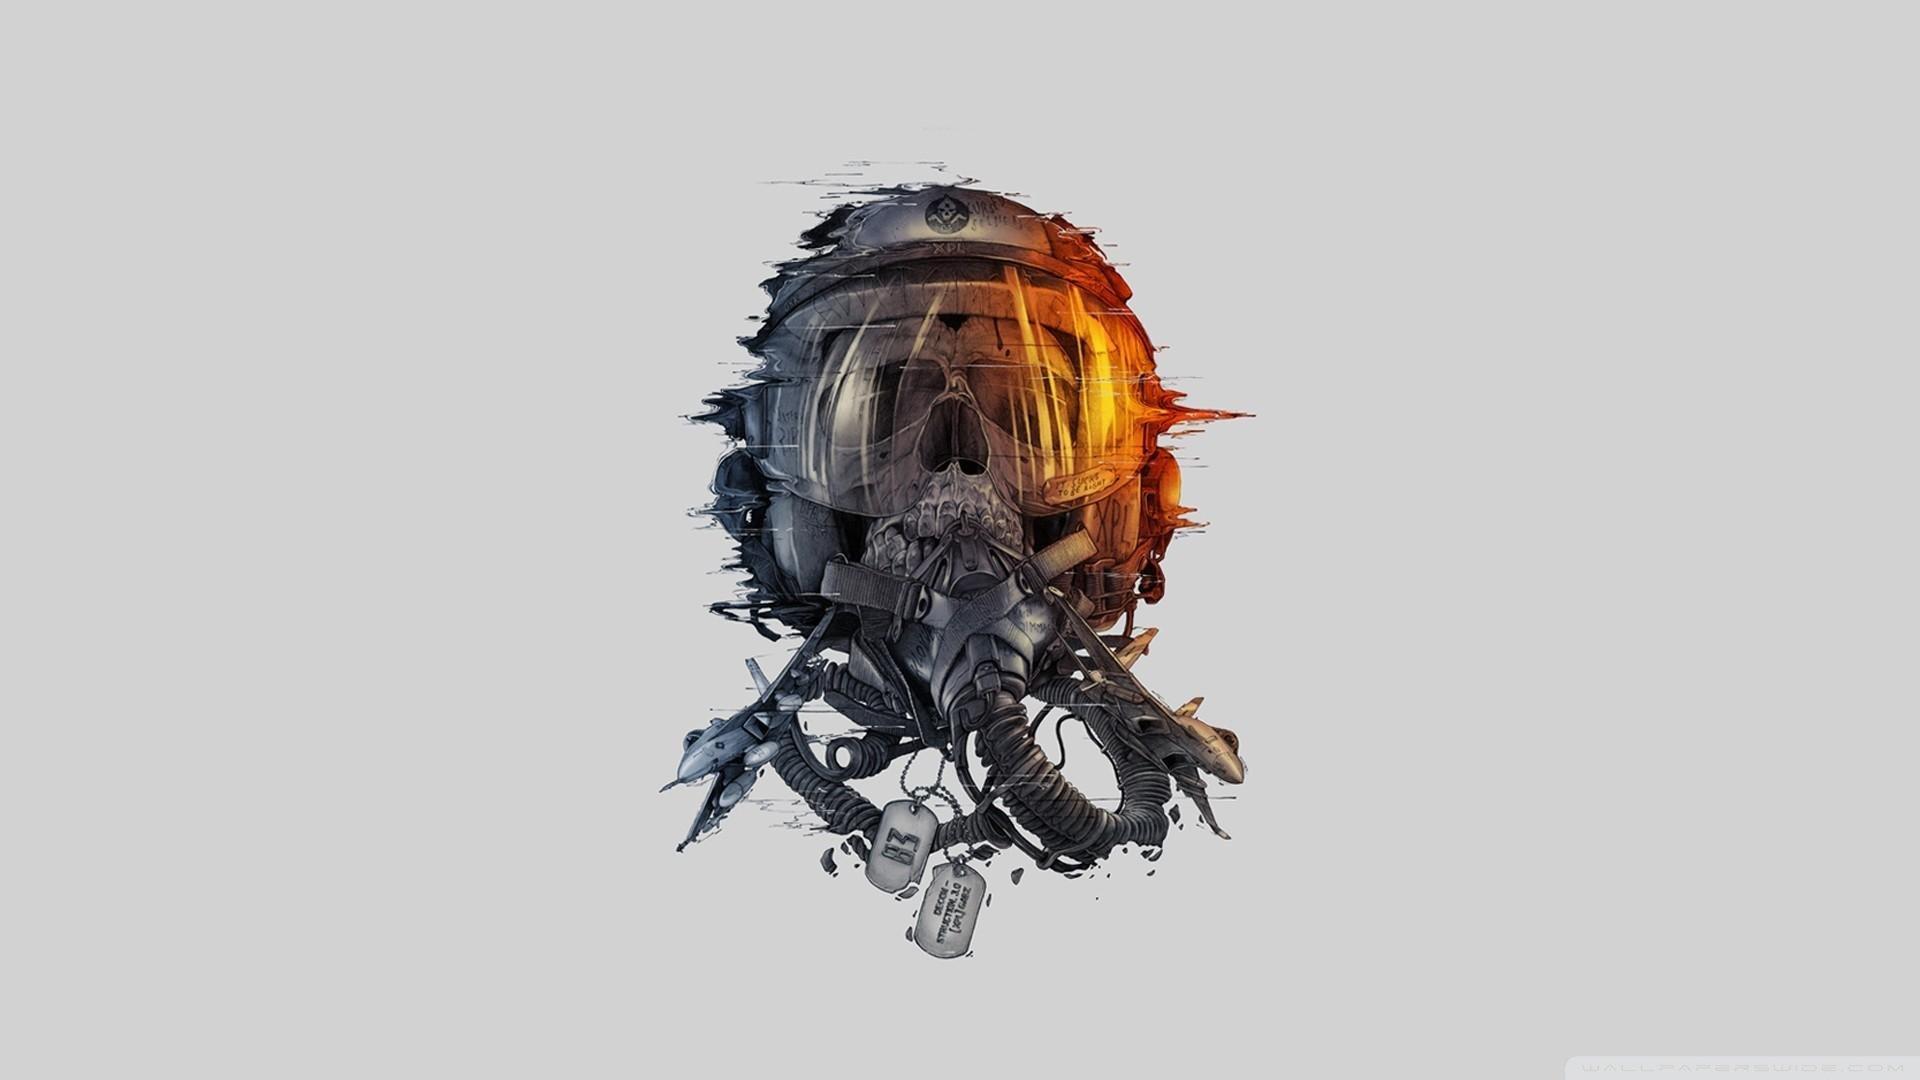 Battlefield 3 artwork-wallpaper-1920x1080 wallpaper ...